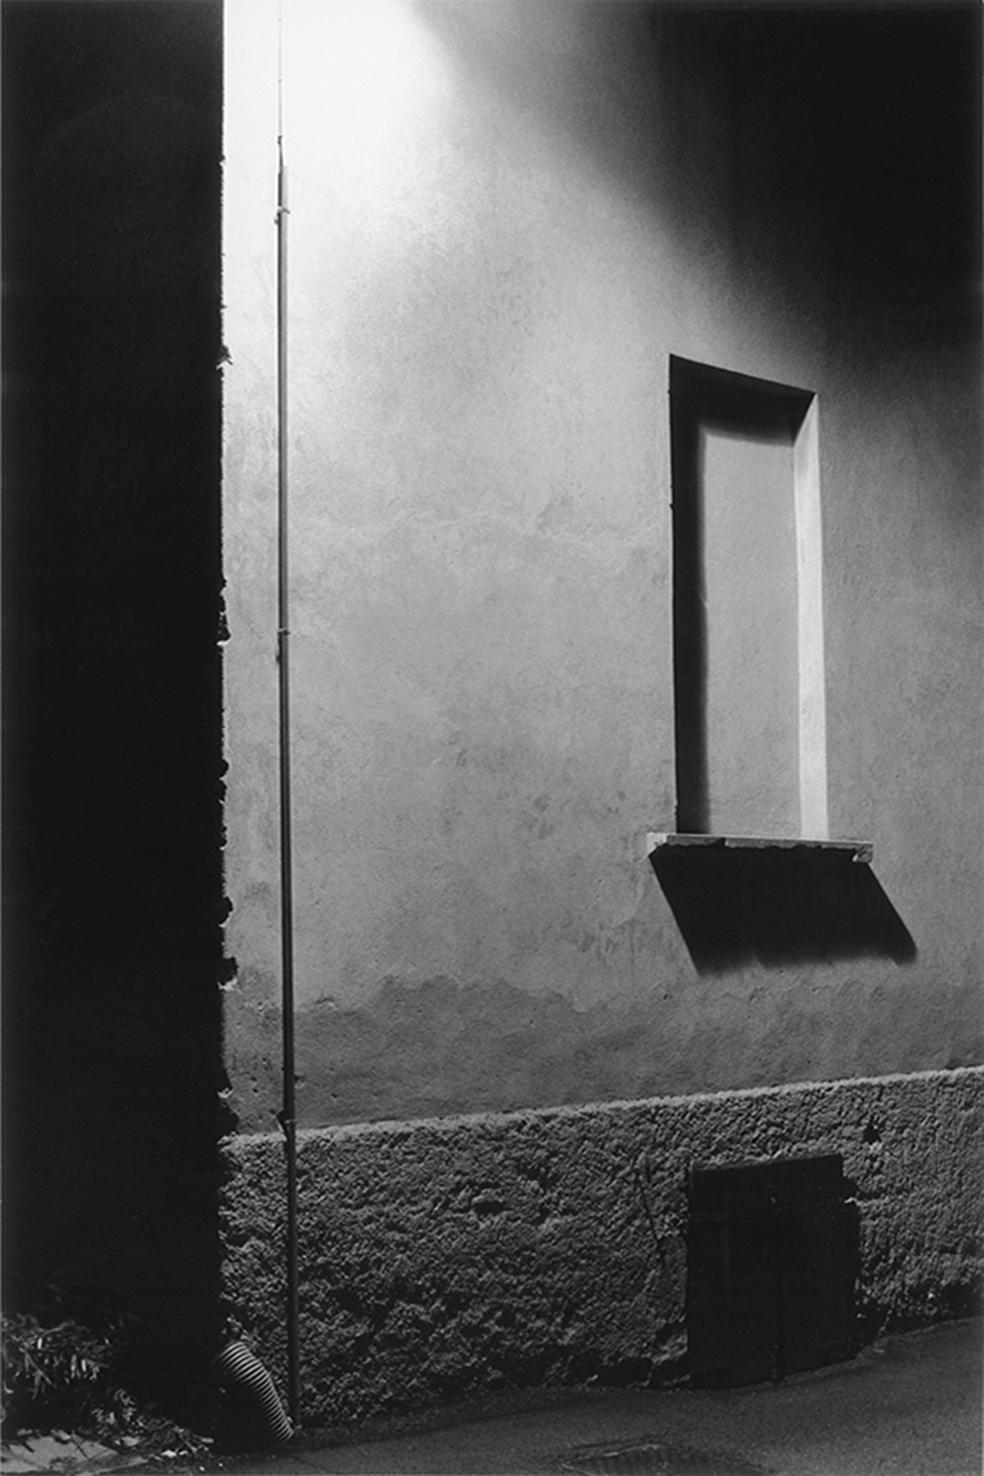 P. Novelli, 'La notte non basta, Study n. 10, 2012, foto b/n © aut./PHOS